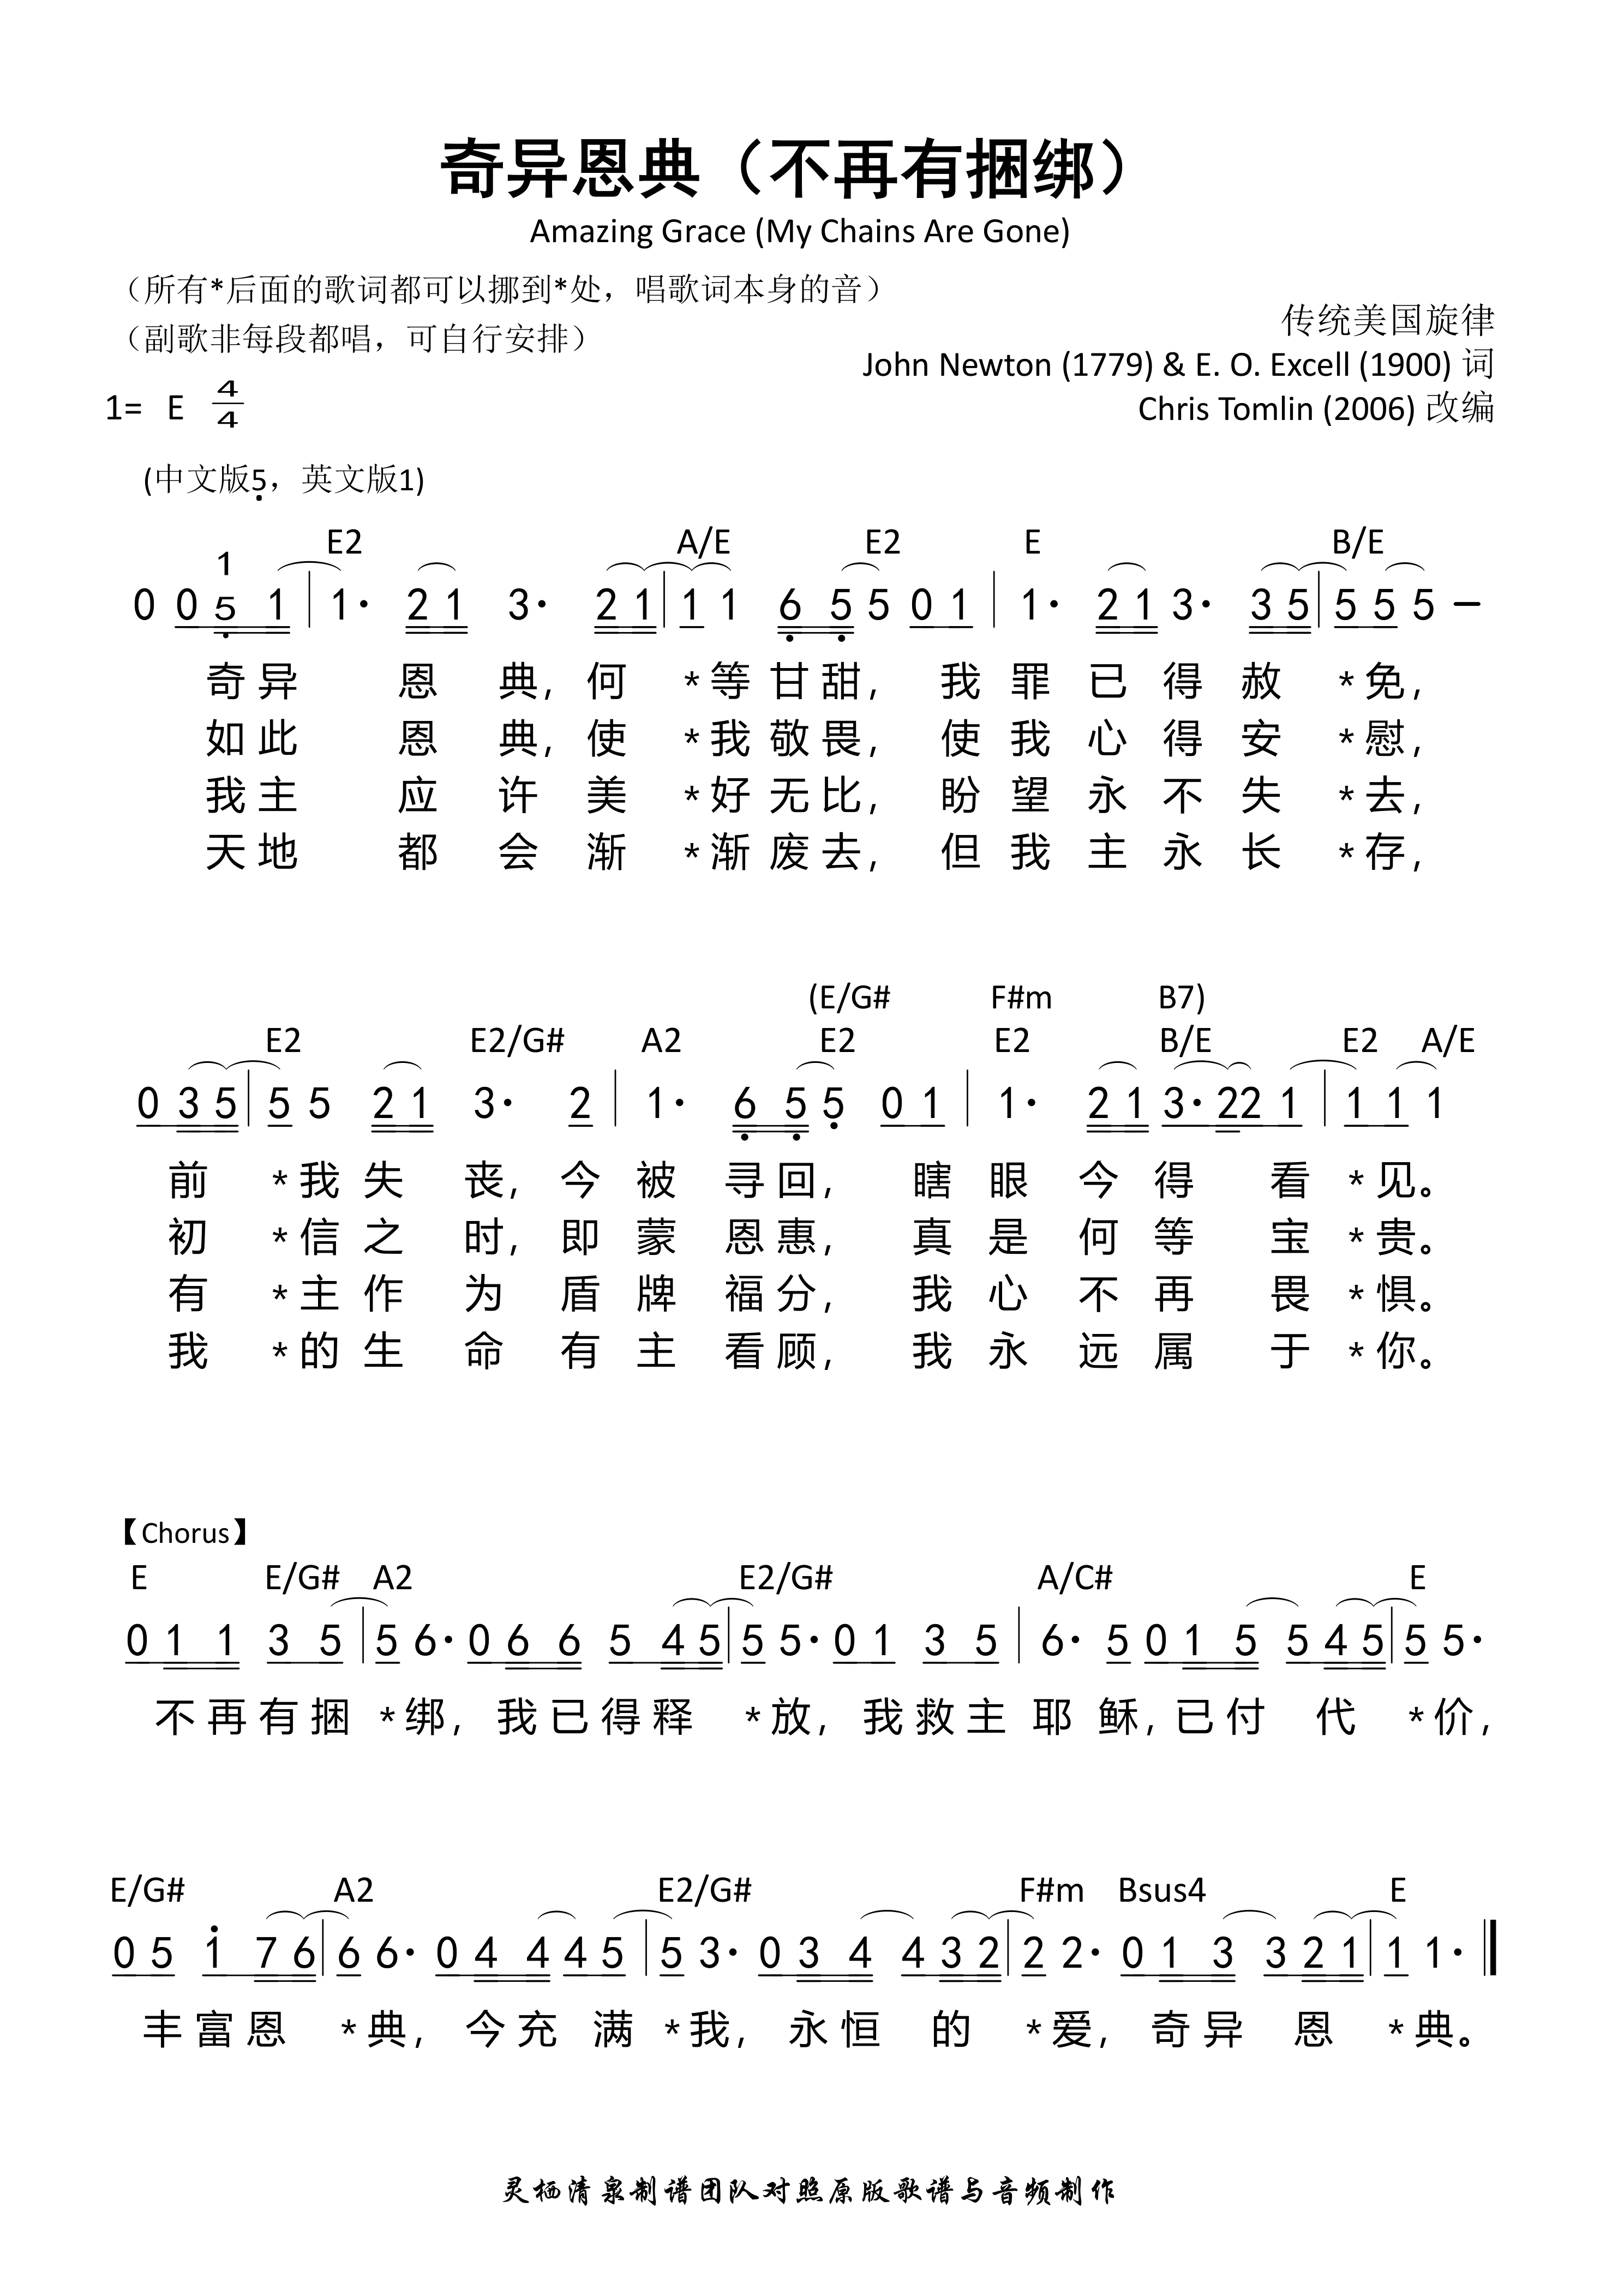 《奇异恩典(不再有捆绑) 和弦简谱》